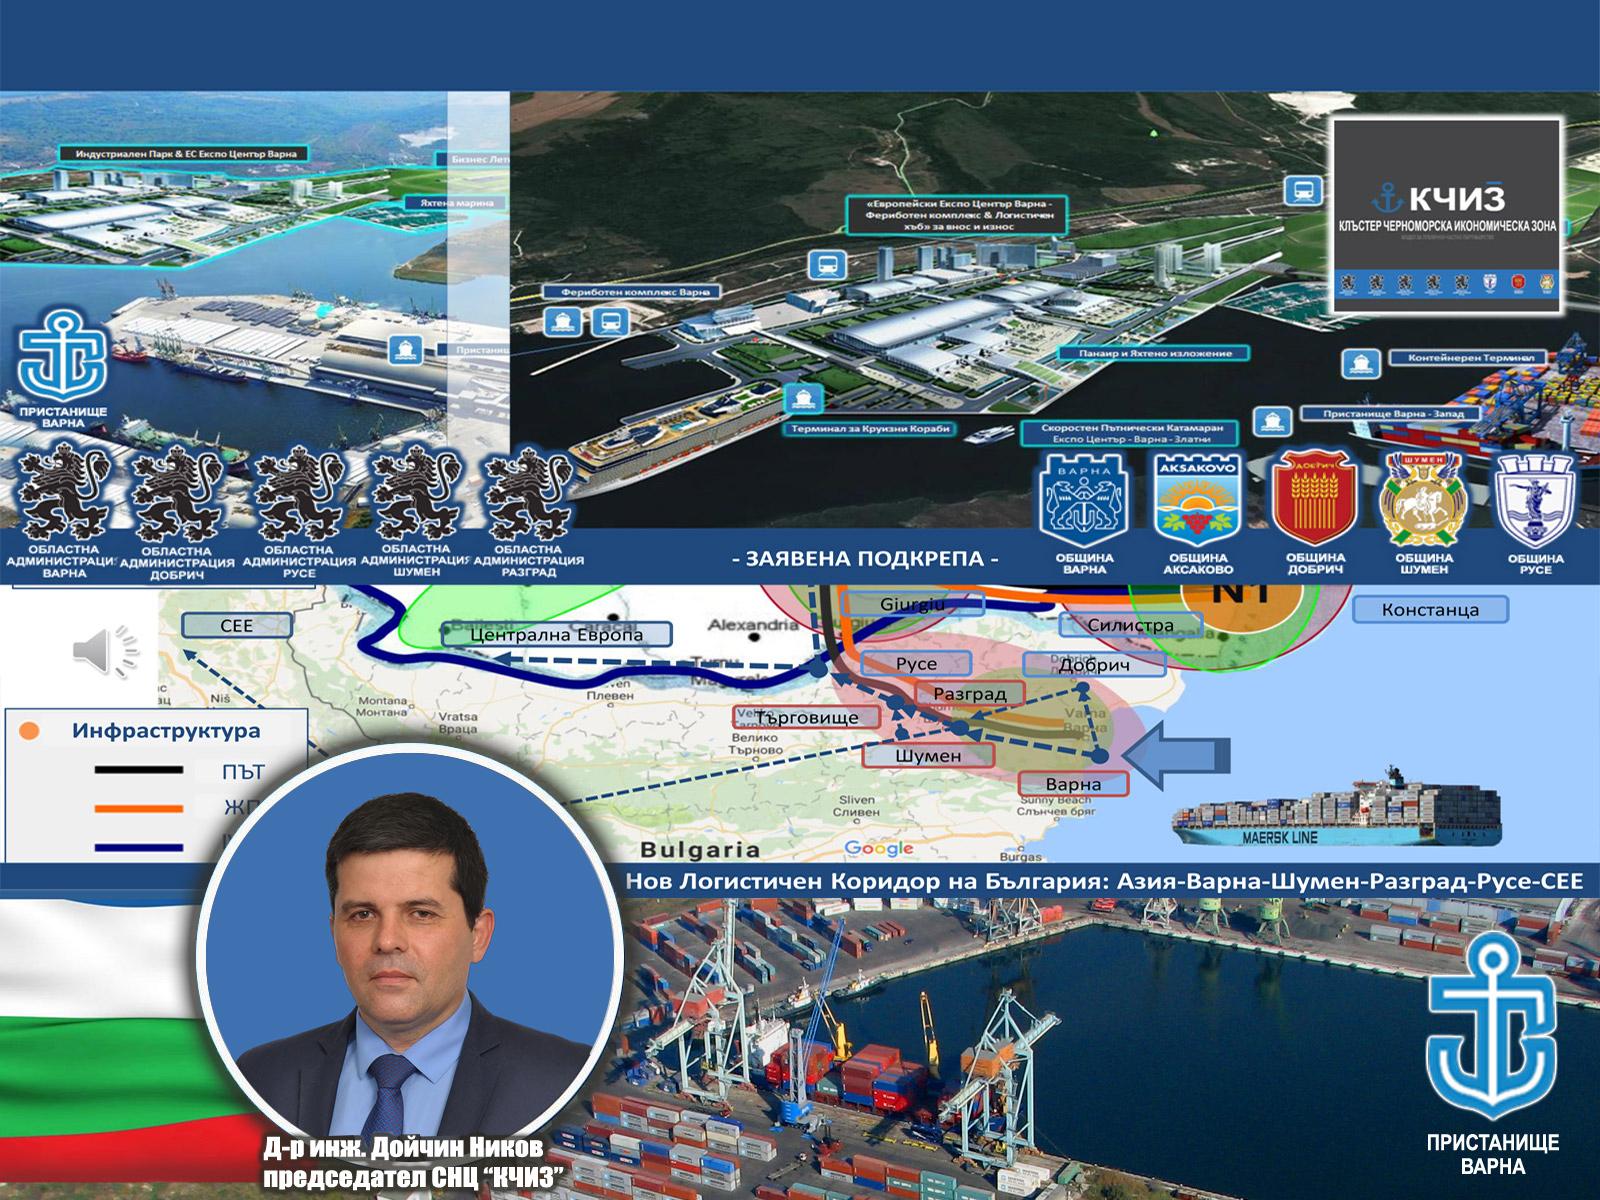 Клъстер Черноморска Икономическа Зона официално призоваваме управниците на Варна и държавниците днес на България да предприемат видими незабавни действия до избори потвърждаващи държавнически ангажимент по реализация ключови икономически проекти за град Варна  заложени за изпълнение до 2027 година в Интегрирана Териториална Стратегия за Развитие на Североизточен регион (СИР) и с договорени възможности в кандидатстване за ЕС финансиране директно в Брюксел.